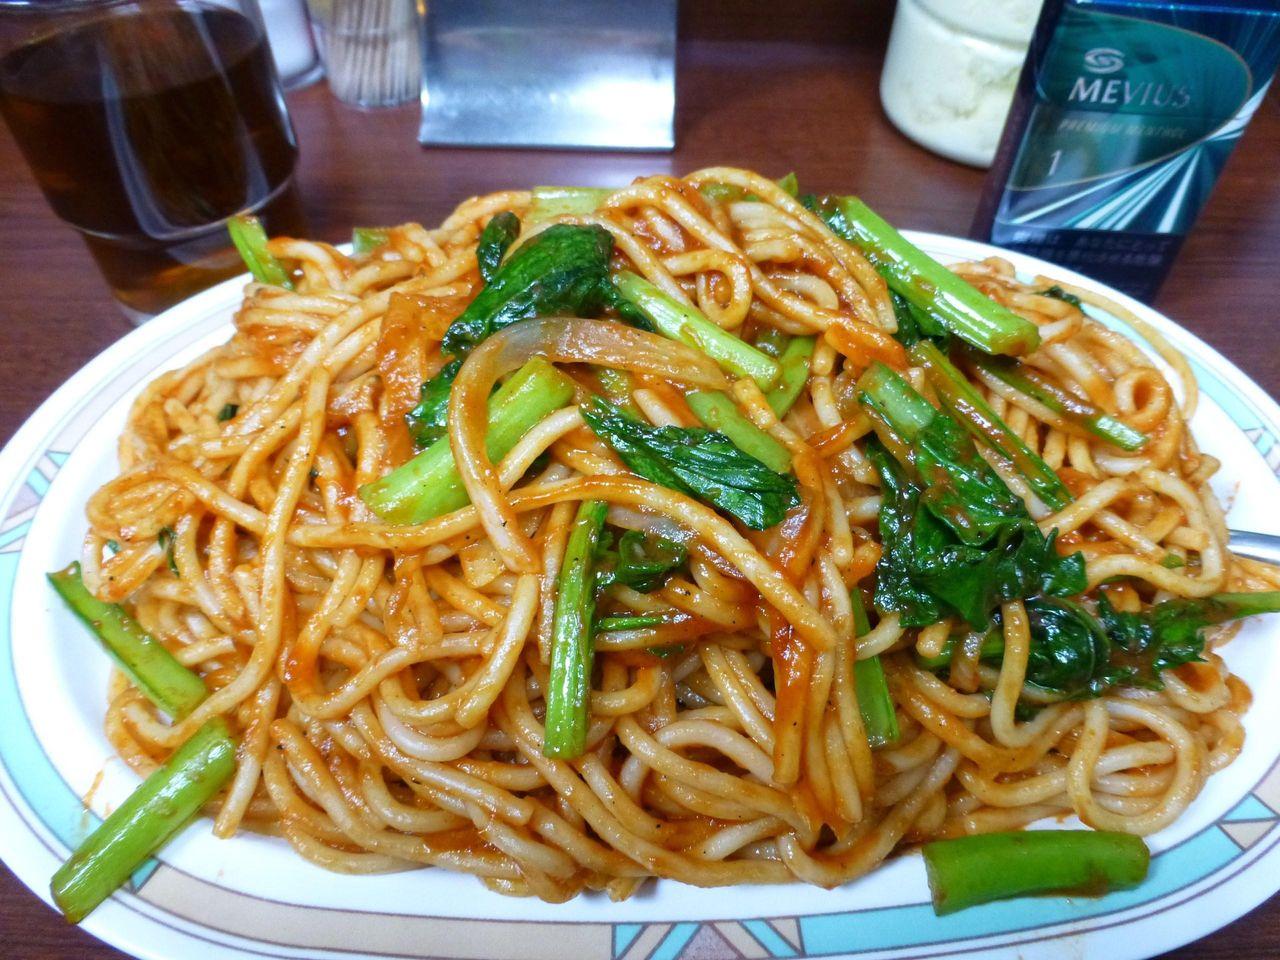 ケチャップがタップリ絡んだ太麺に色鮮やかな小松菜!